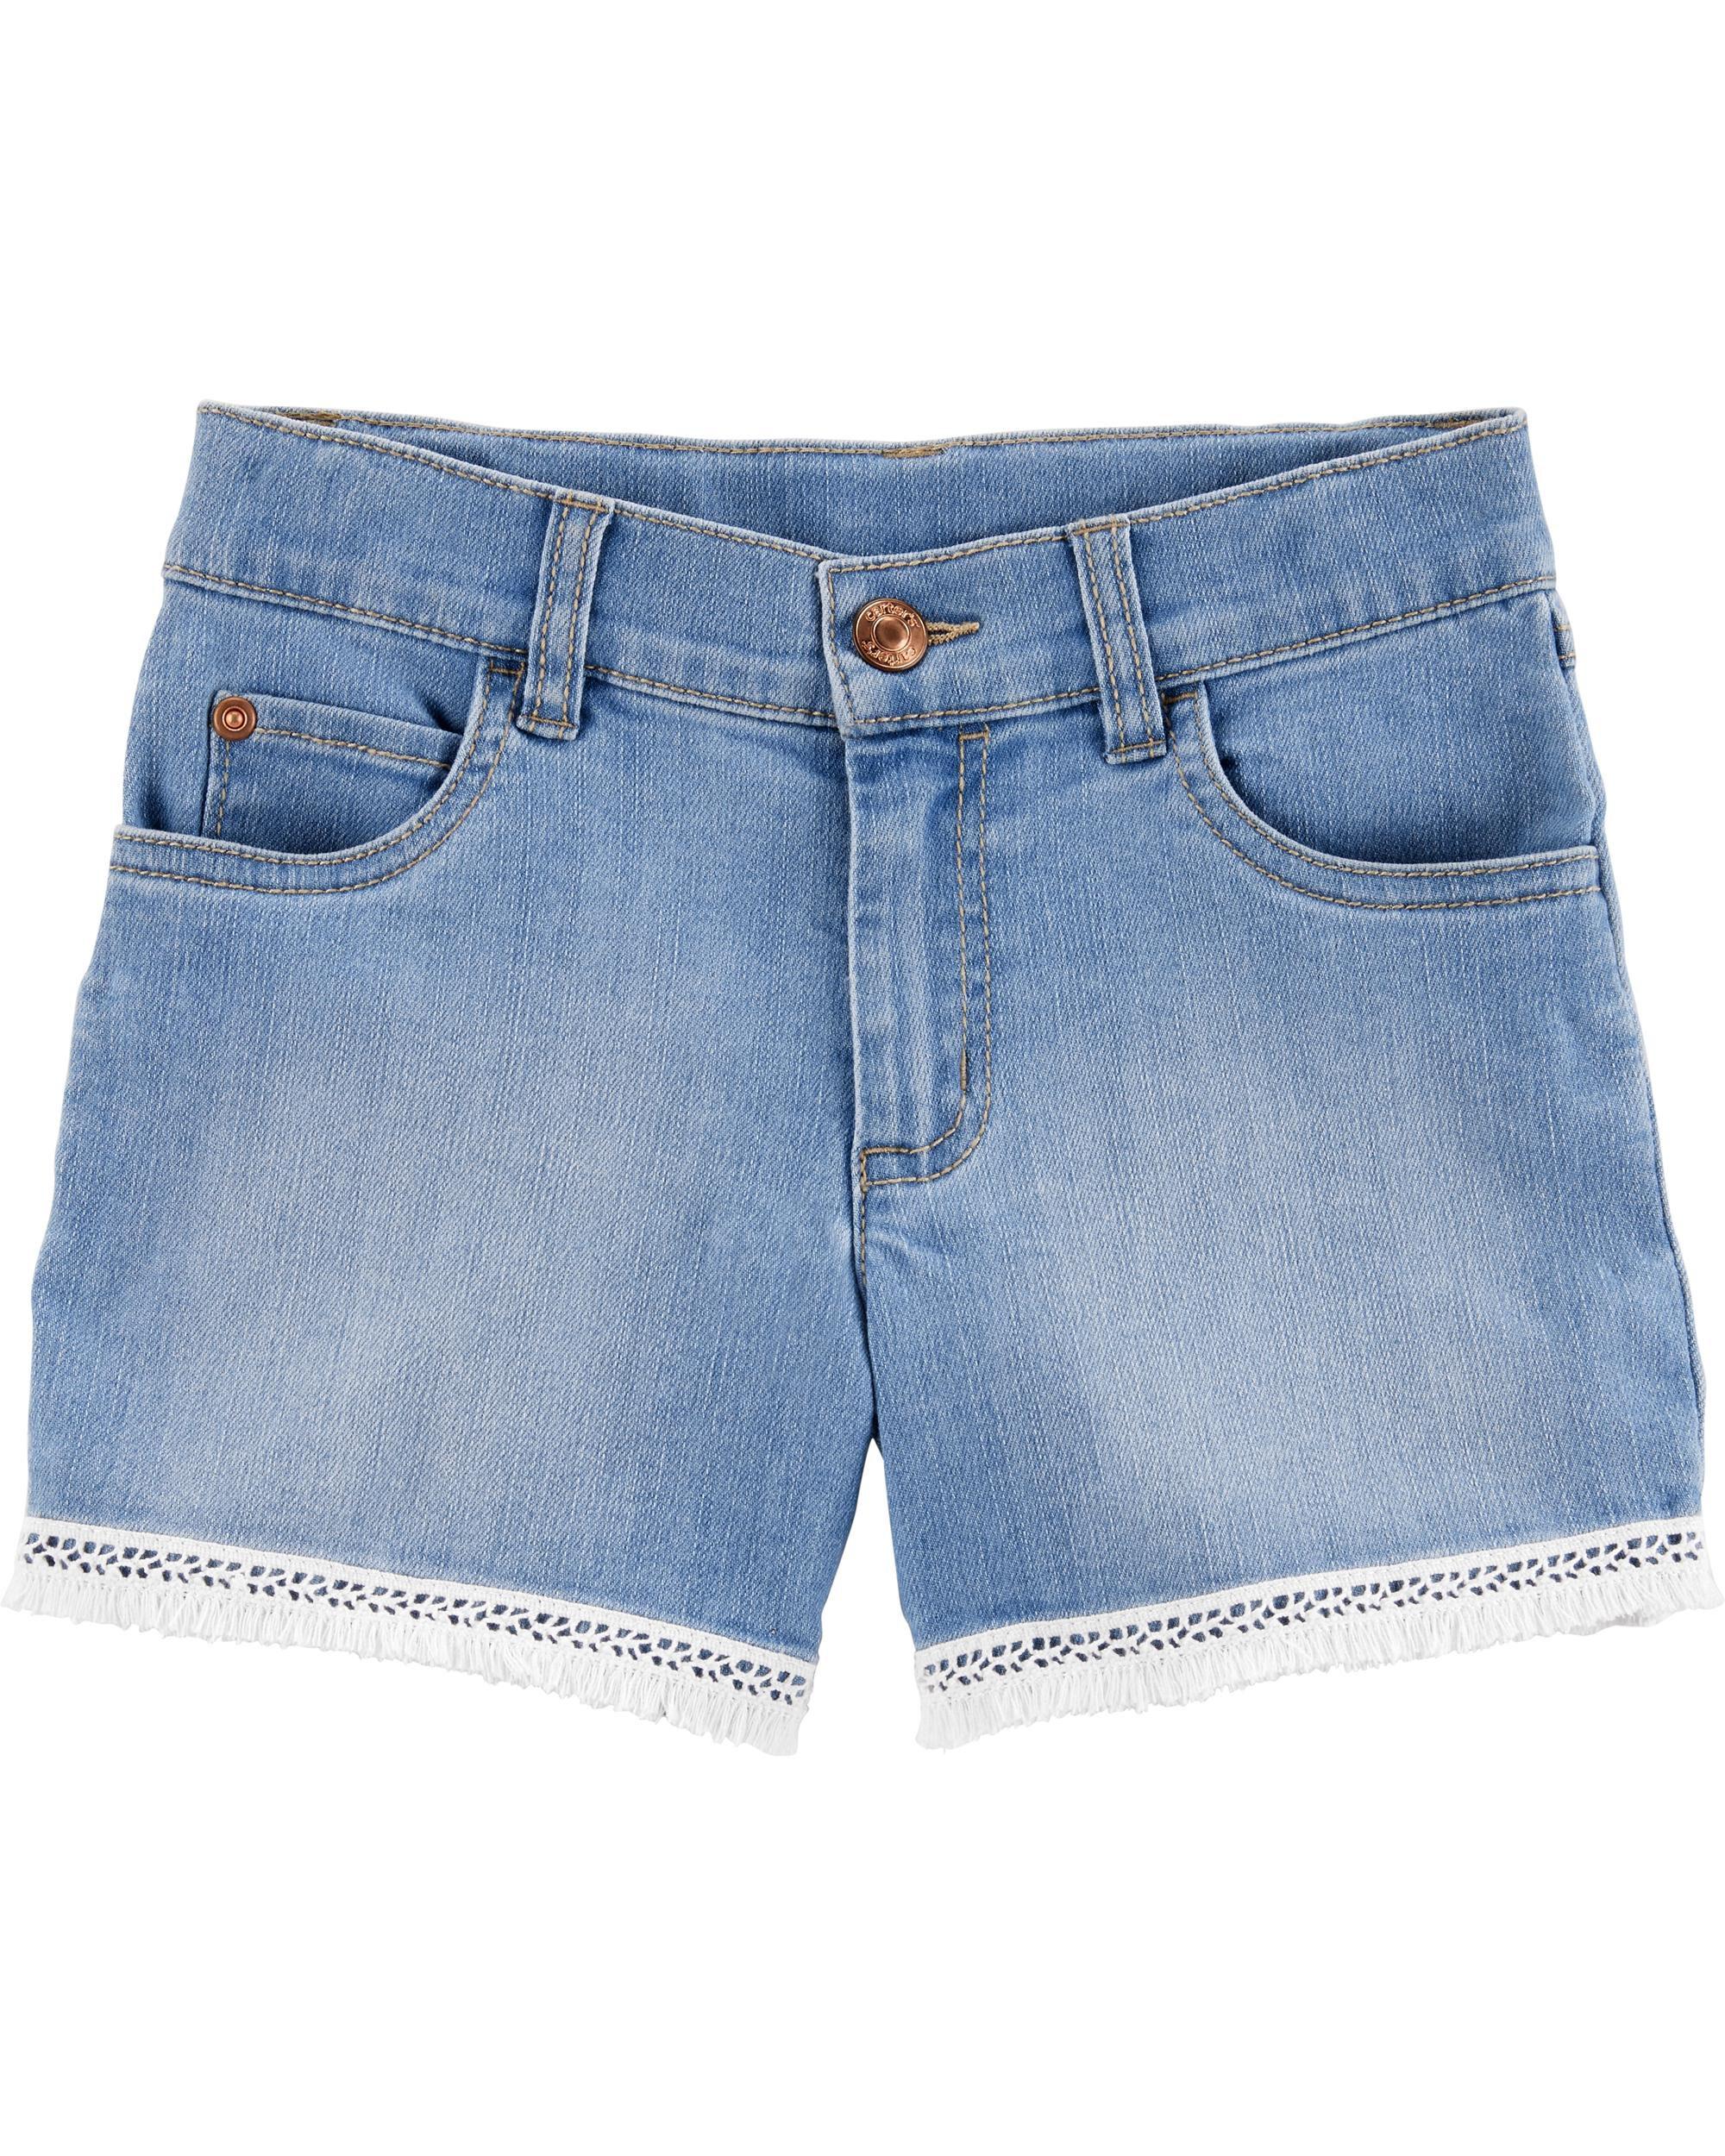 *Clearance*  5-Pocket Denim Shorts